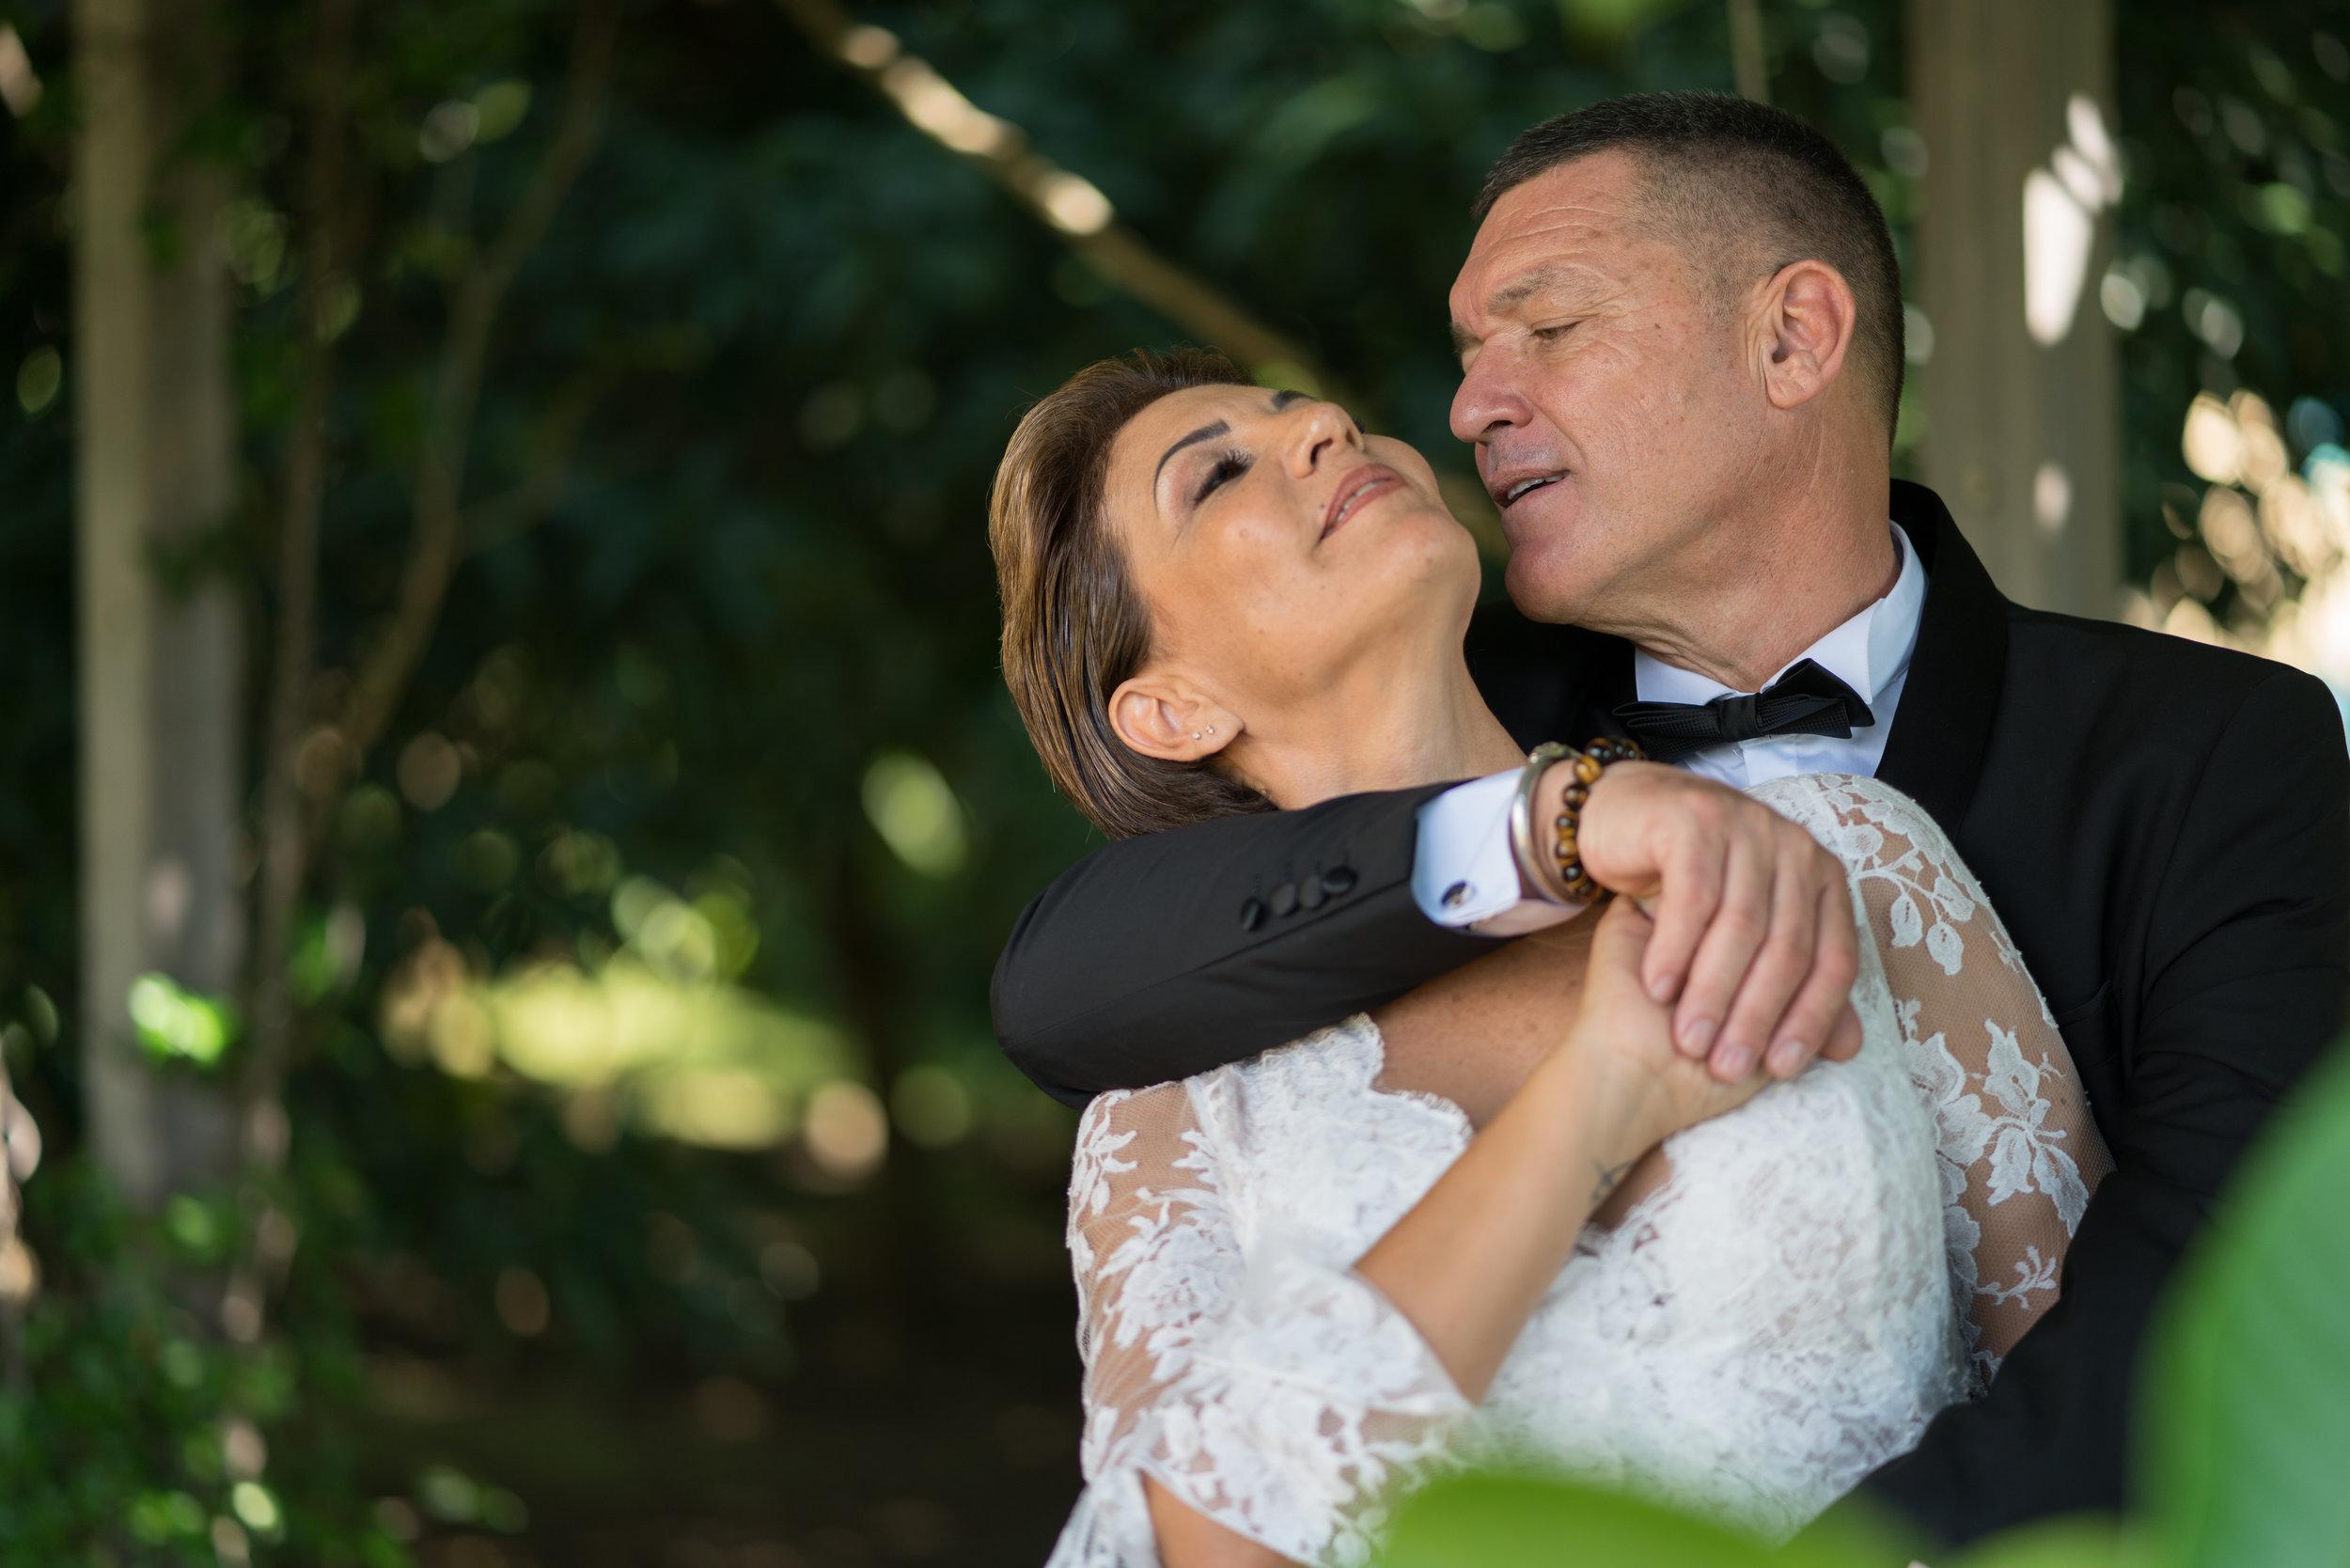 MRevenement organisation de mariage à la Réunion _ Mariage de B et JC (18).jpg